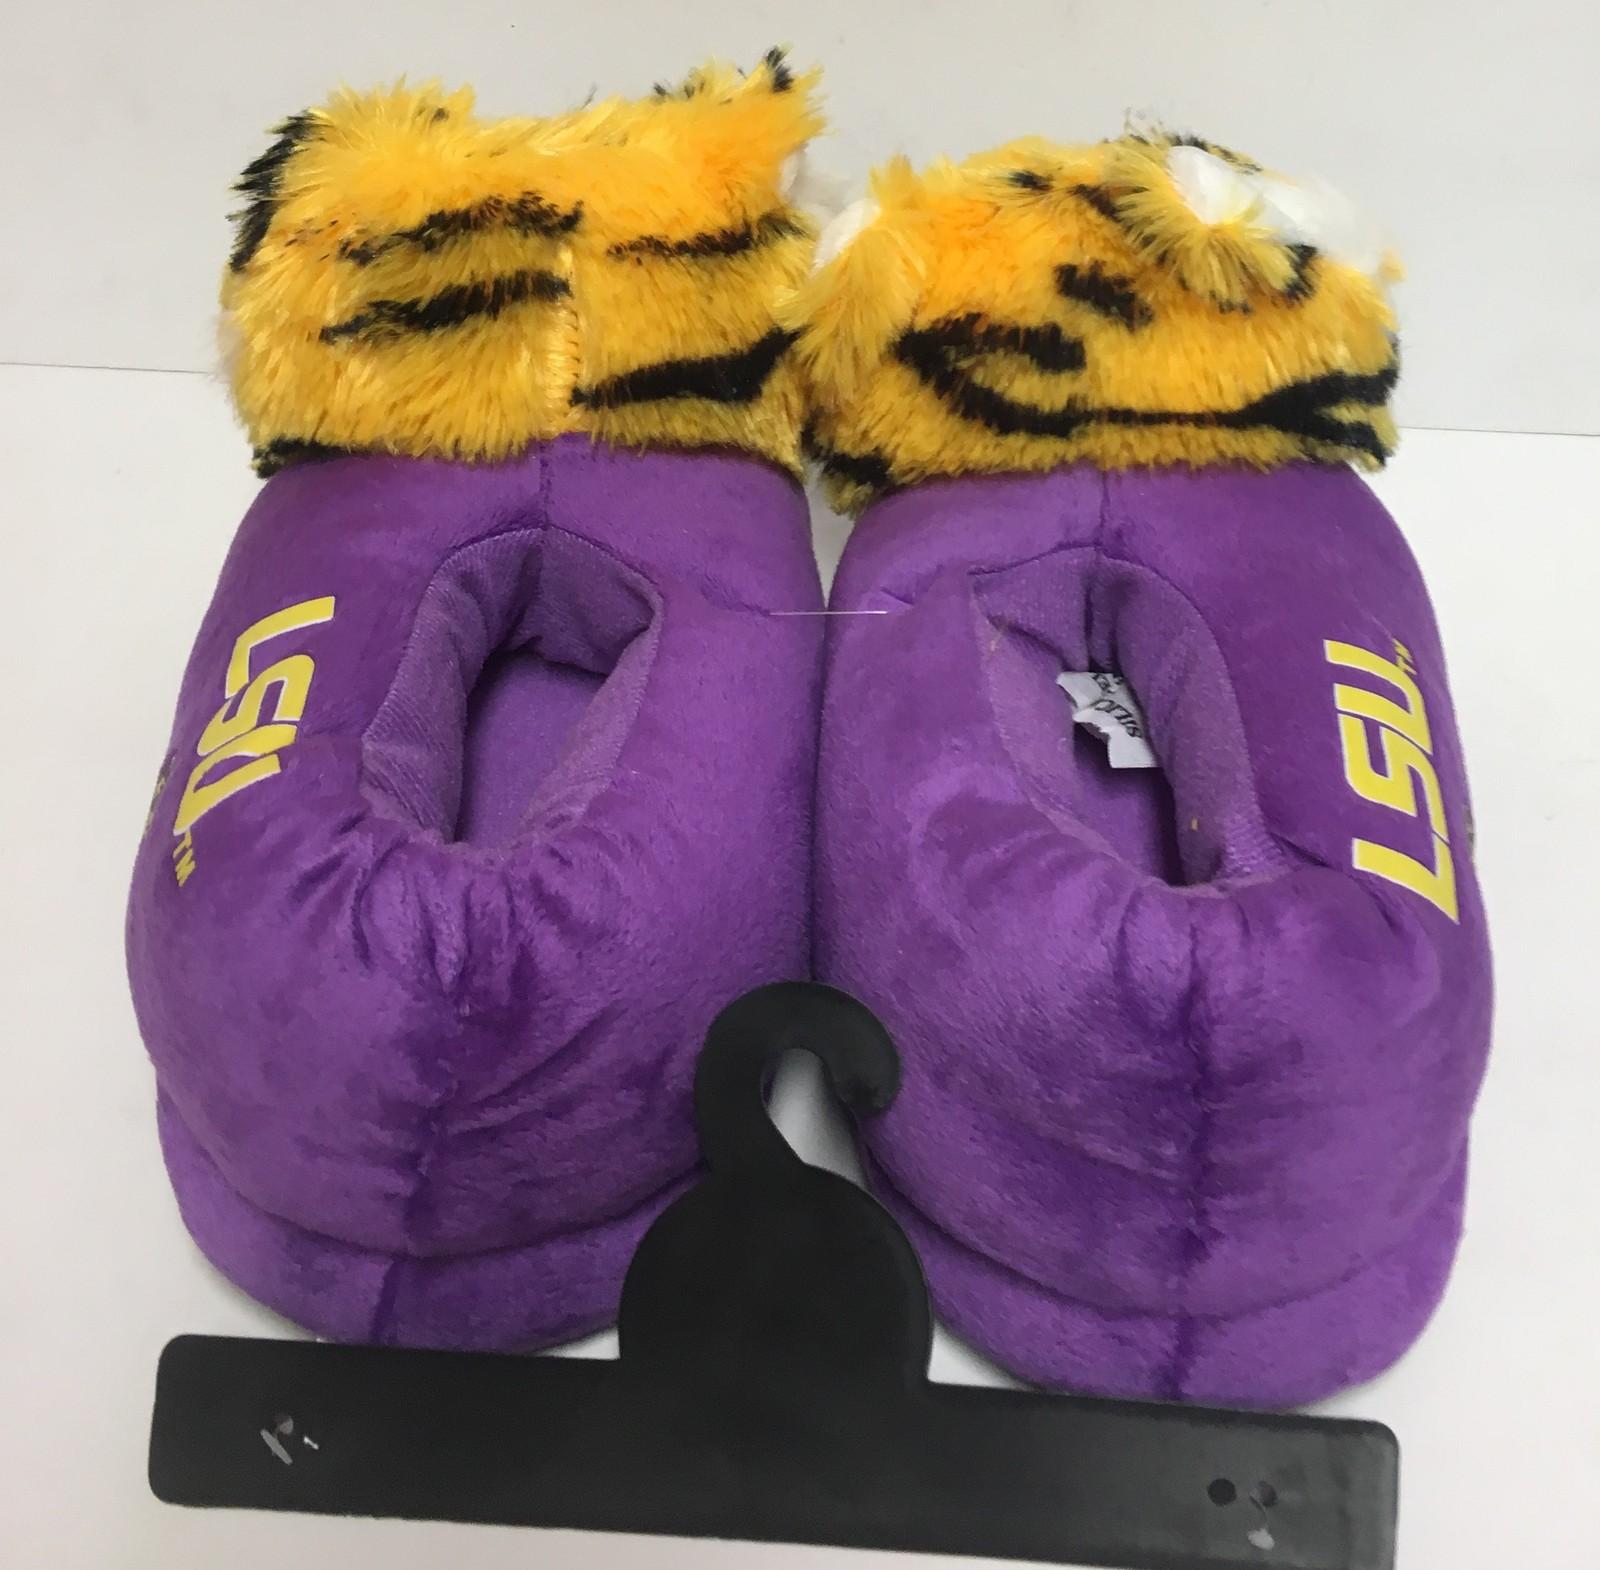 LSU Louisiana State University Women'a Slippers Many Sizes Purple Tigers image 6